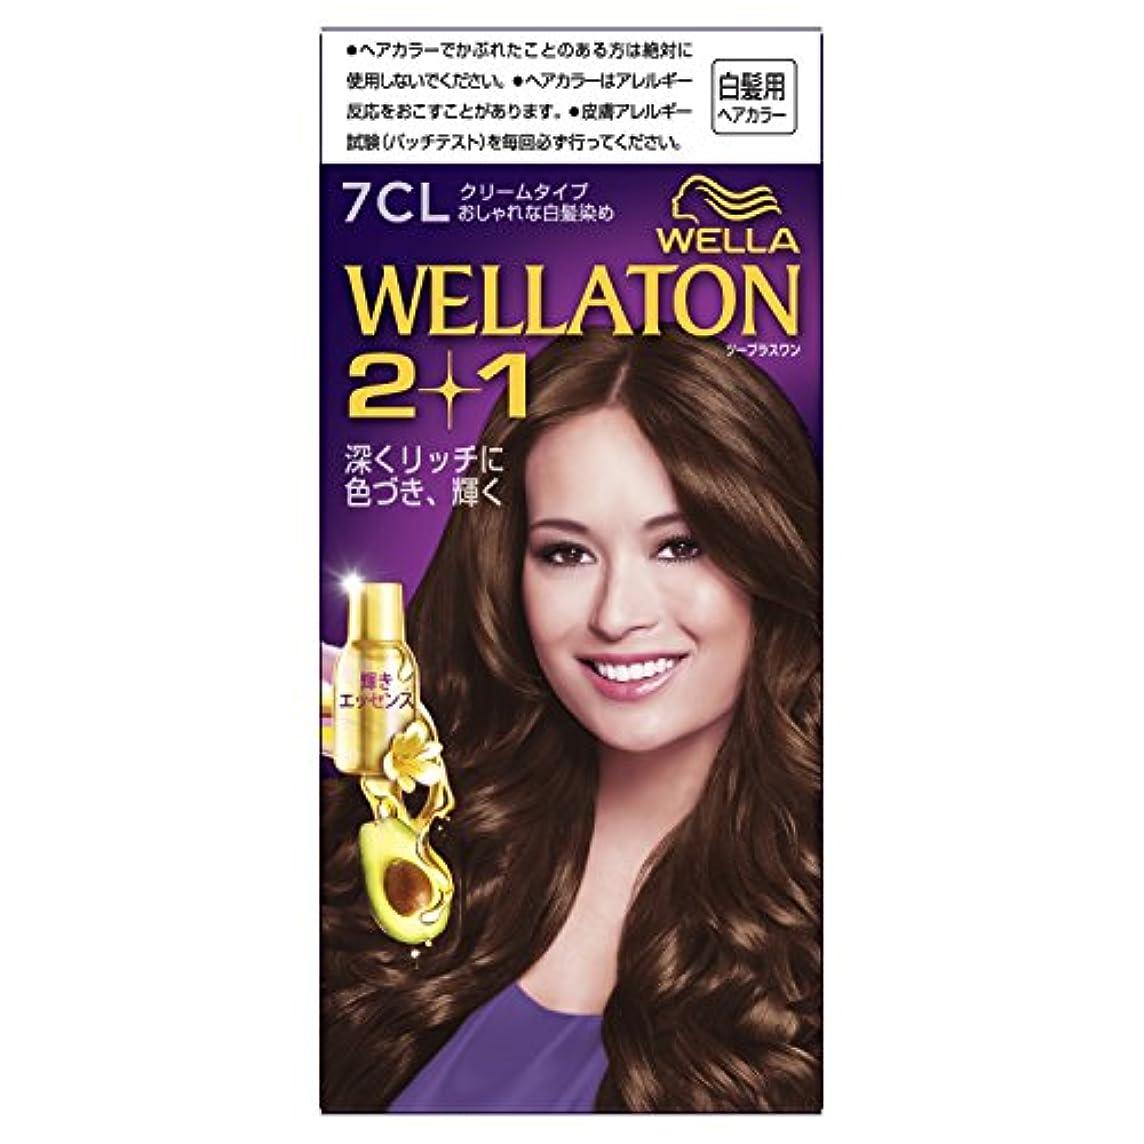 非難するエアコンつかまえるウエラトーン2+1 クリームタイプ 7CL [医薬部外品](おしゃれな白髪染め)